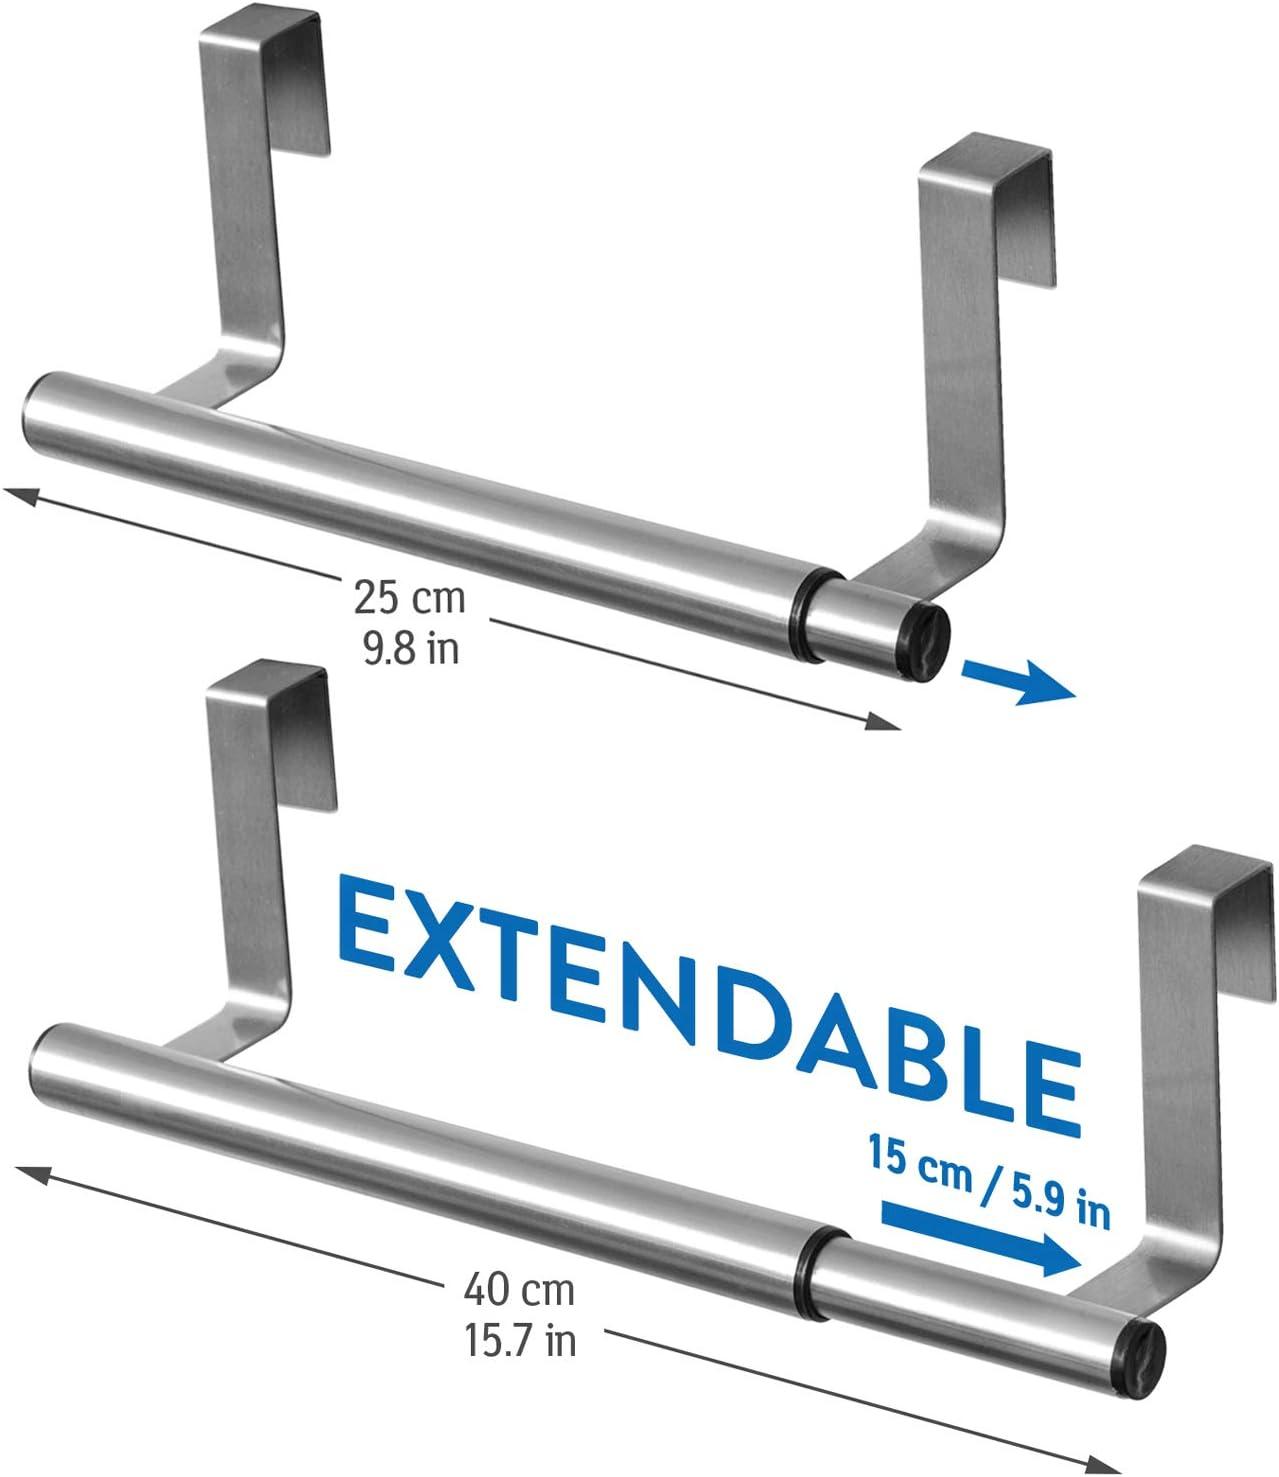 Zum Einh/ängen Tatkraft Spread T/ürhandtuchhalter 25-40 x 8 x 9 cm Geb/ürsteter Edelstahl Solide Handtuchstange Teleskop Ausziehbar